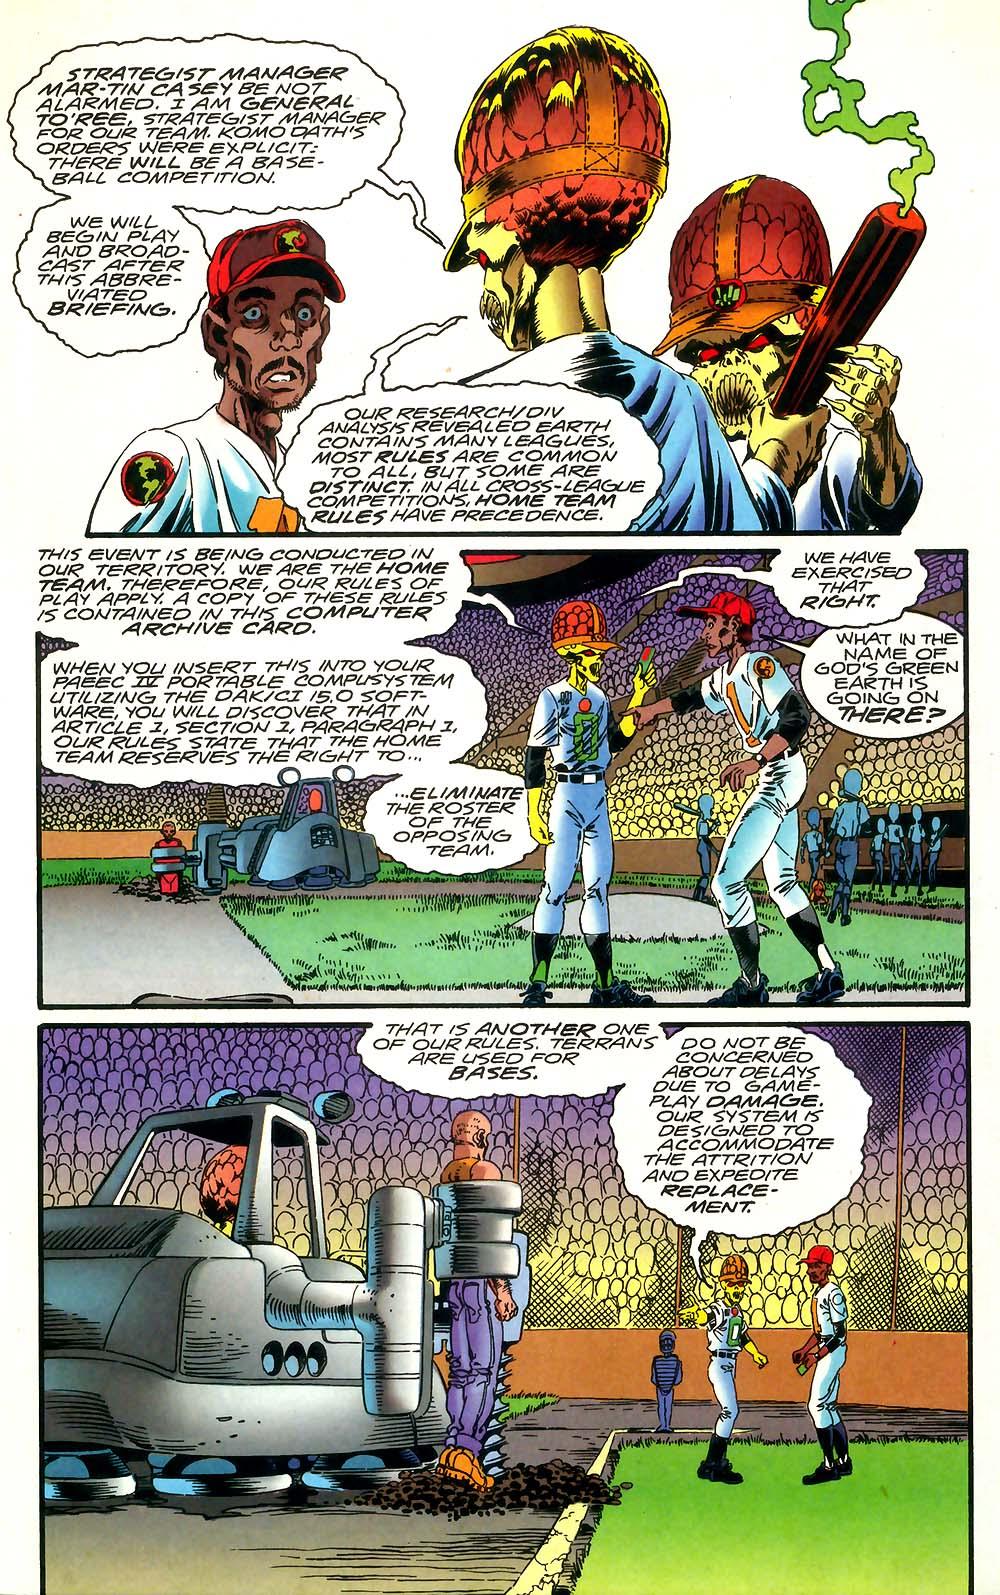 Read online Mars Attacks Baseball Special comic -  Issue # Full - 5